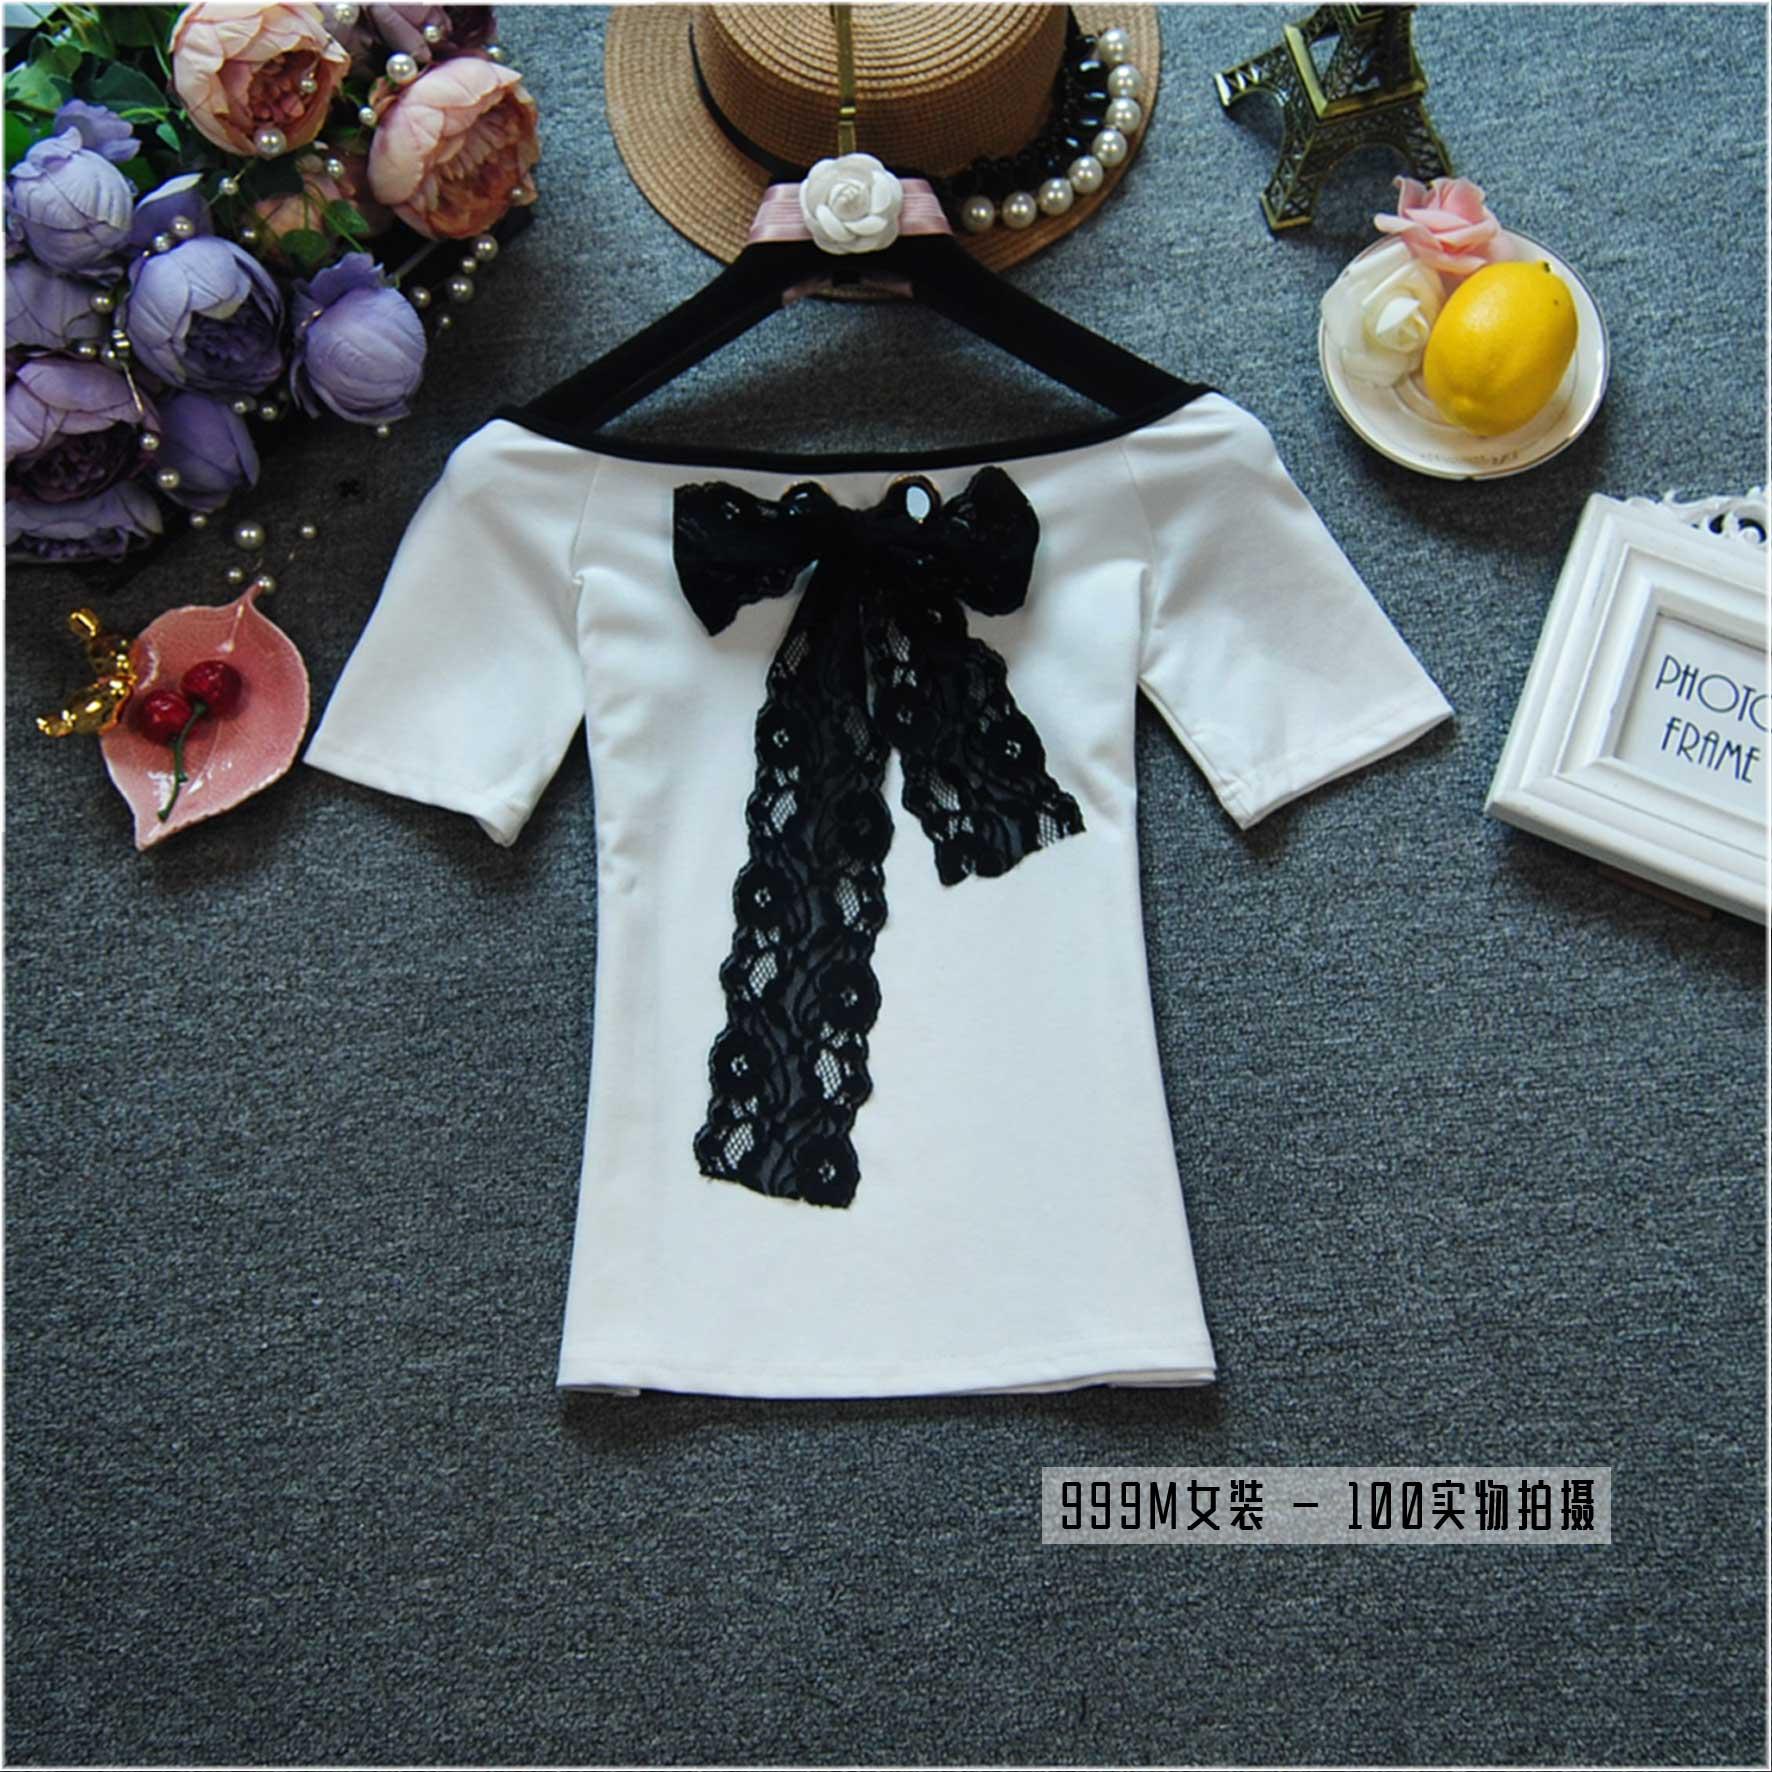 夏季t恤女上衣修身显瘦短袖打底一字领露肩拼边棉质女装系带衫潮